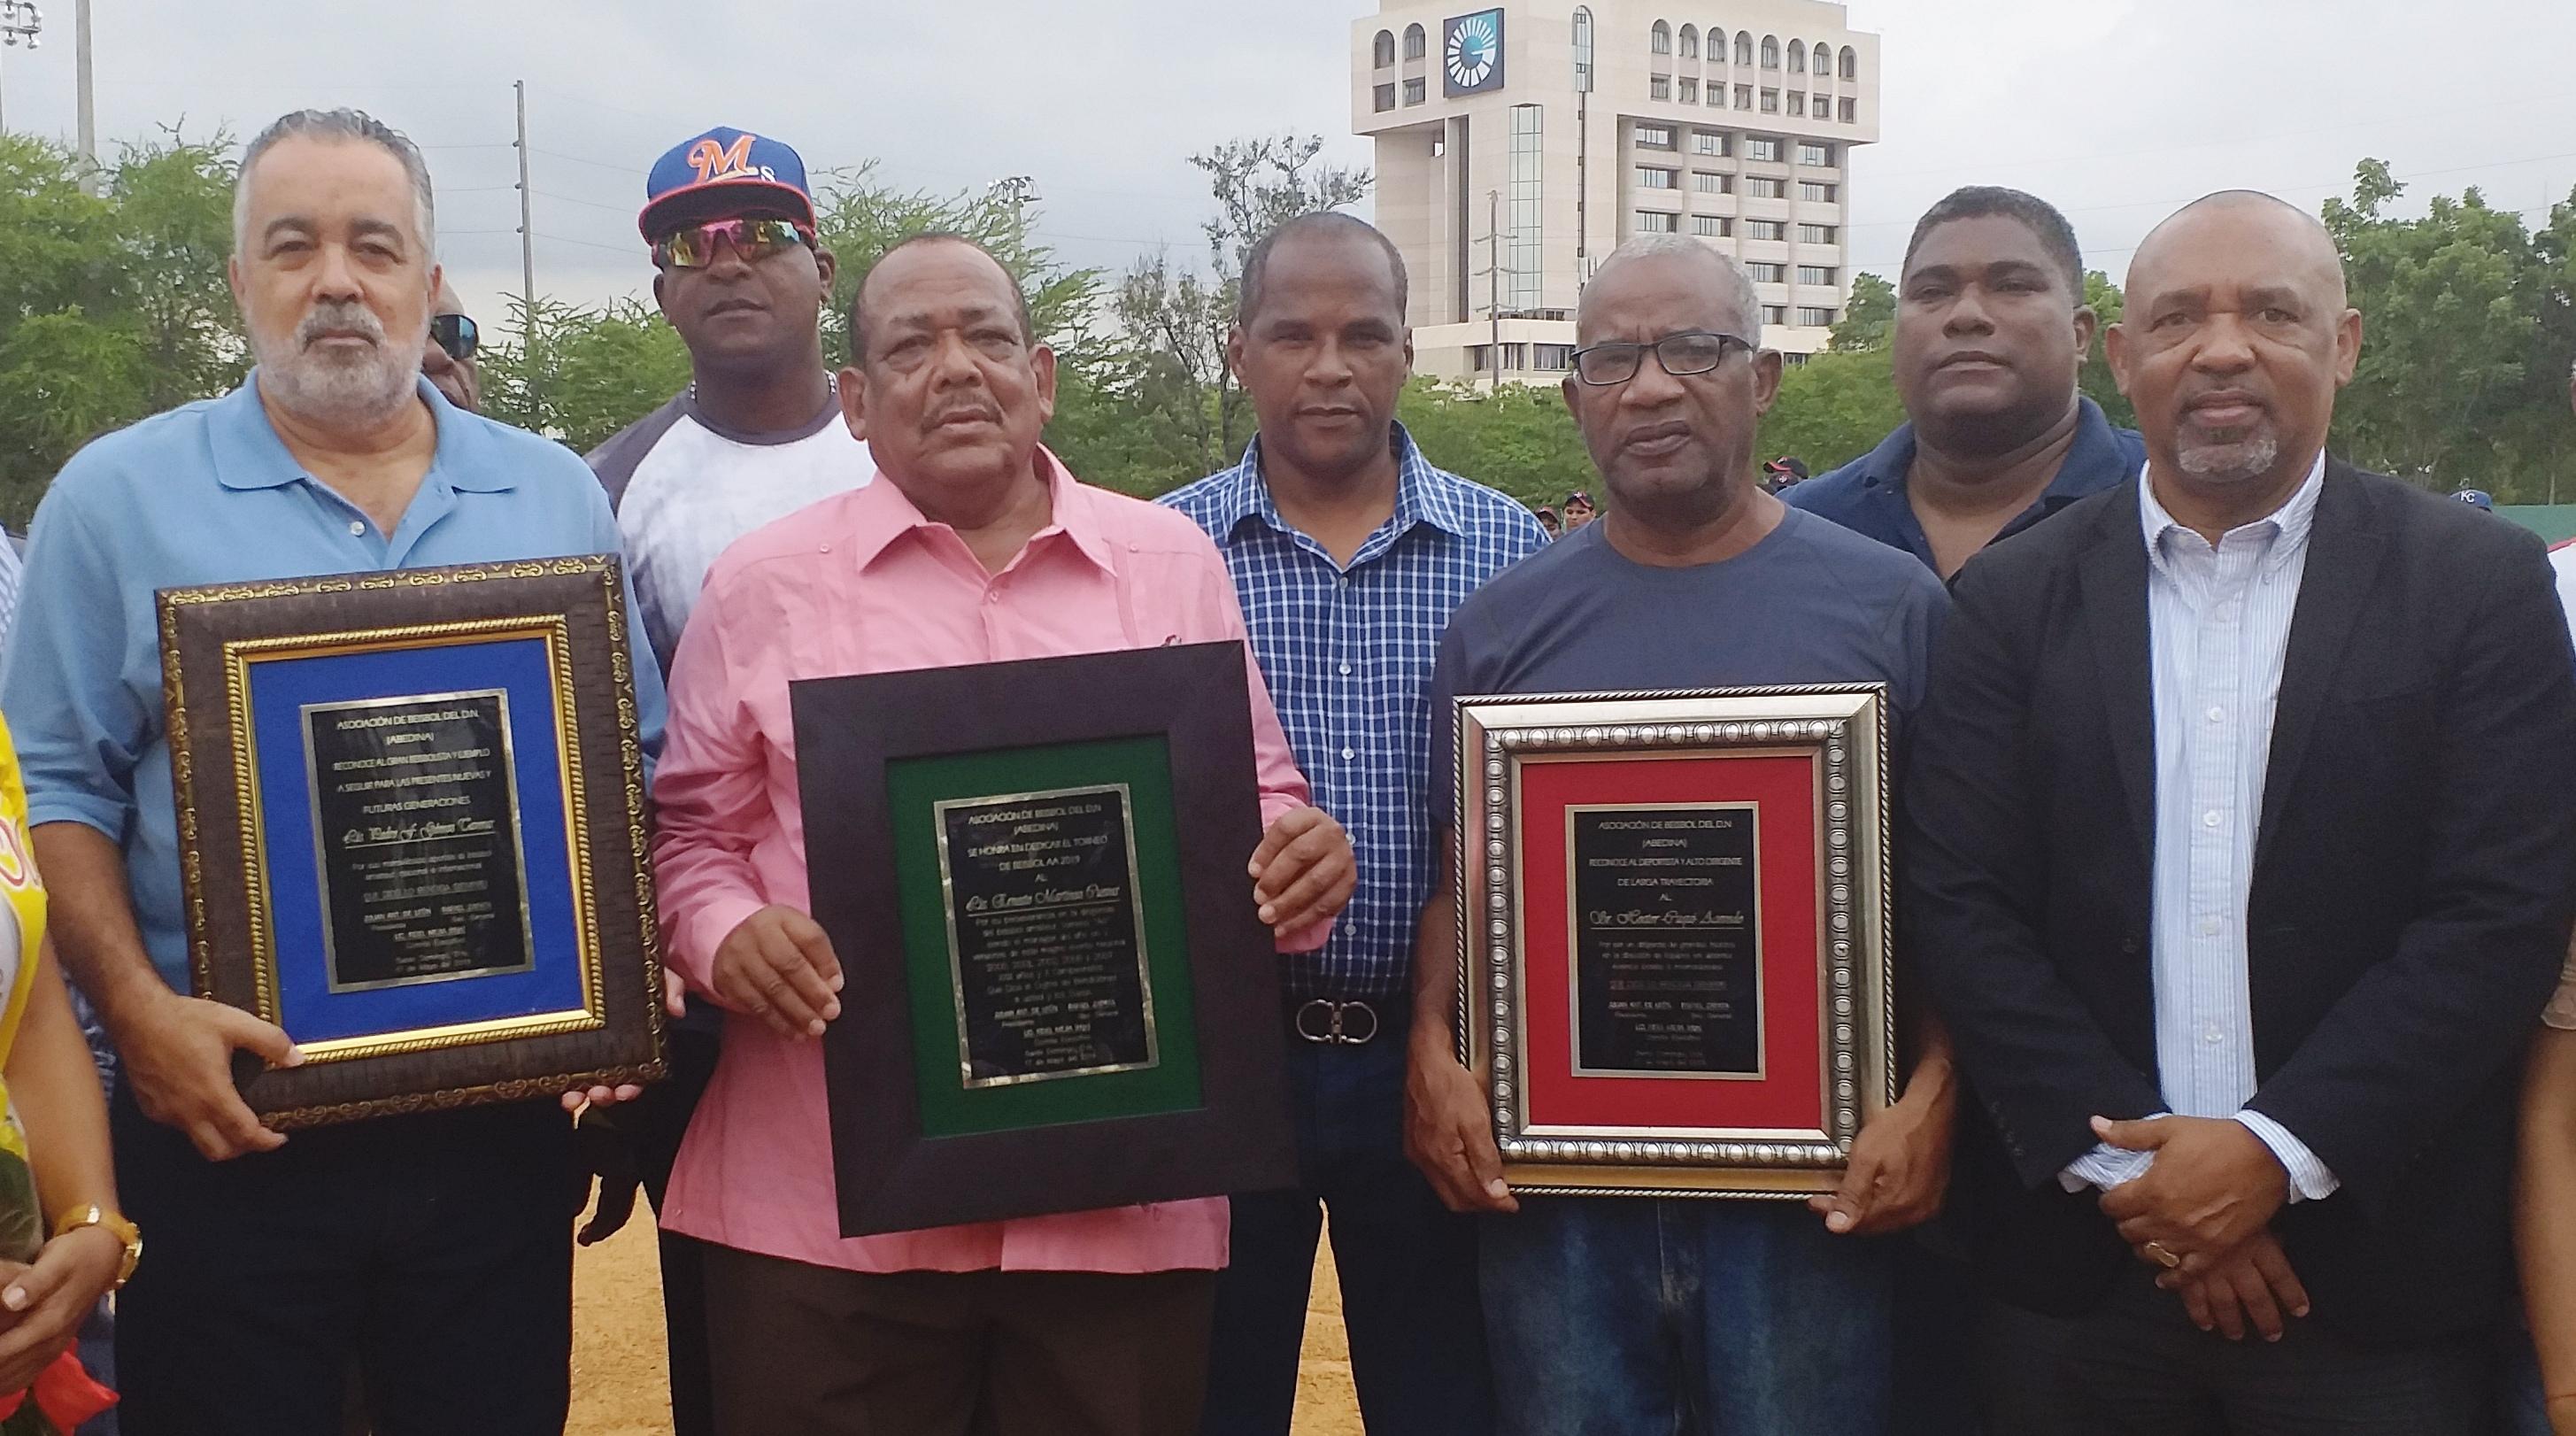 Reconocen a Pedro Gómez, Cuqui Acevedo y Ernesto Martínez en béisbol AA del DN